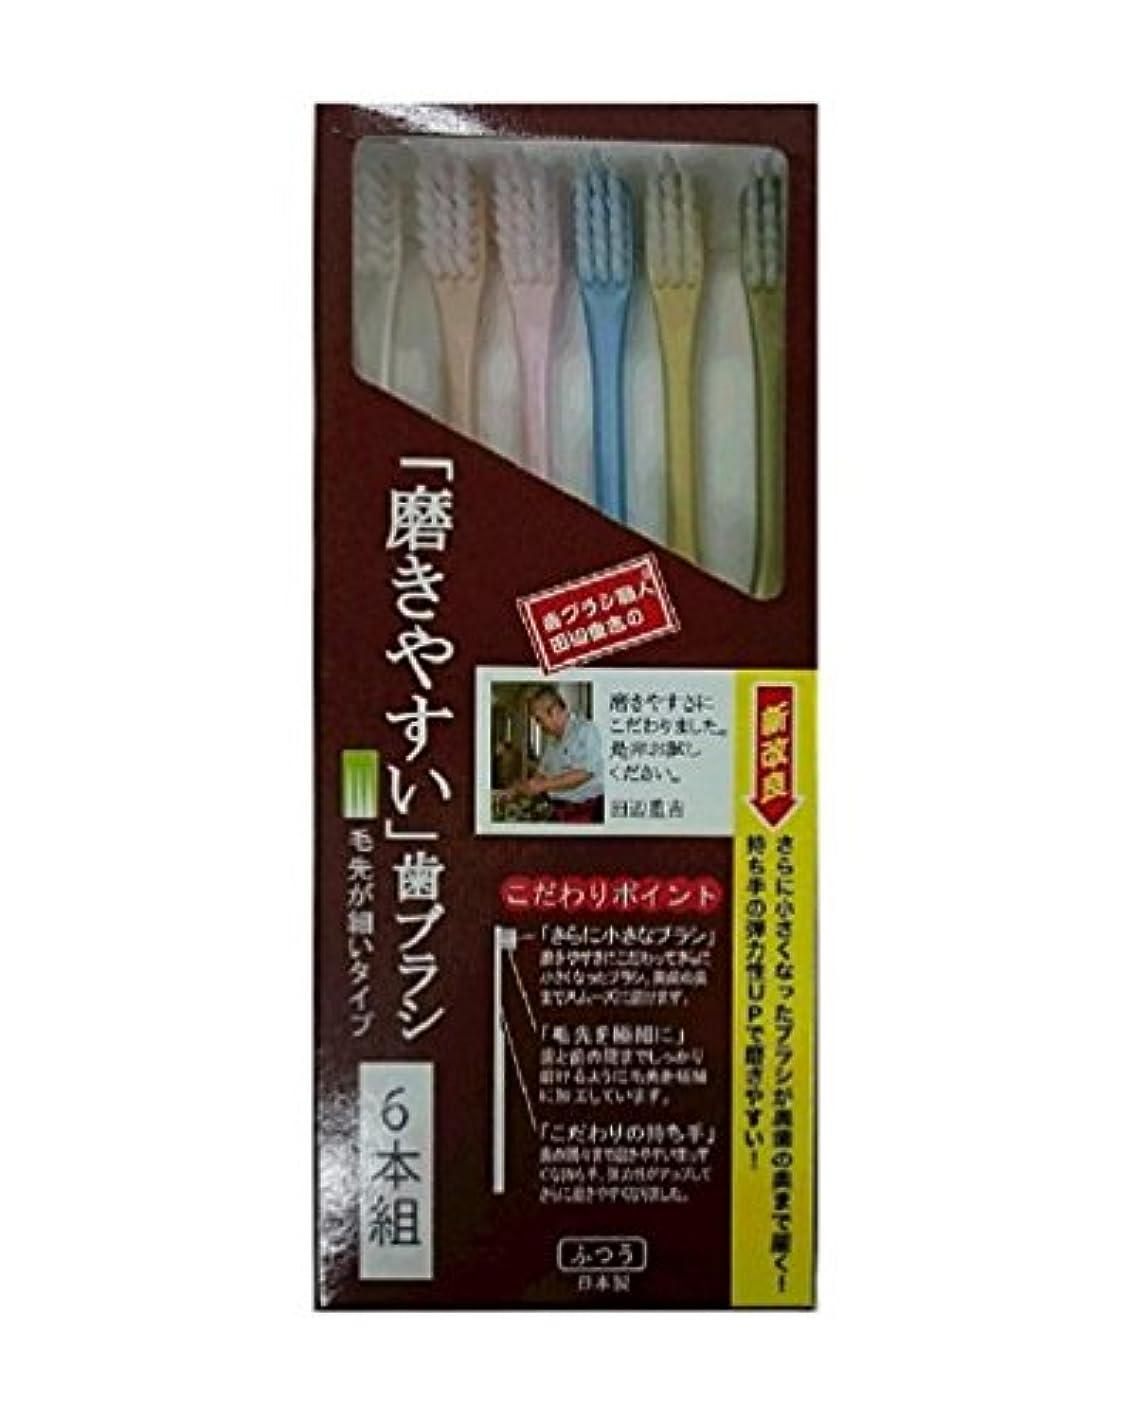 覆すスケジュール歯ブラシ職人 田辺重吉考案 磨きやすい歯ブラシ 先細 6本組